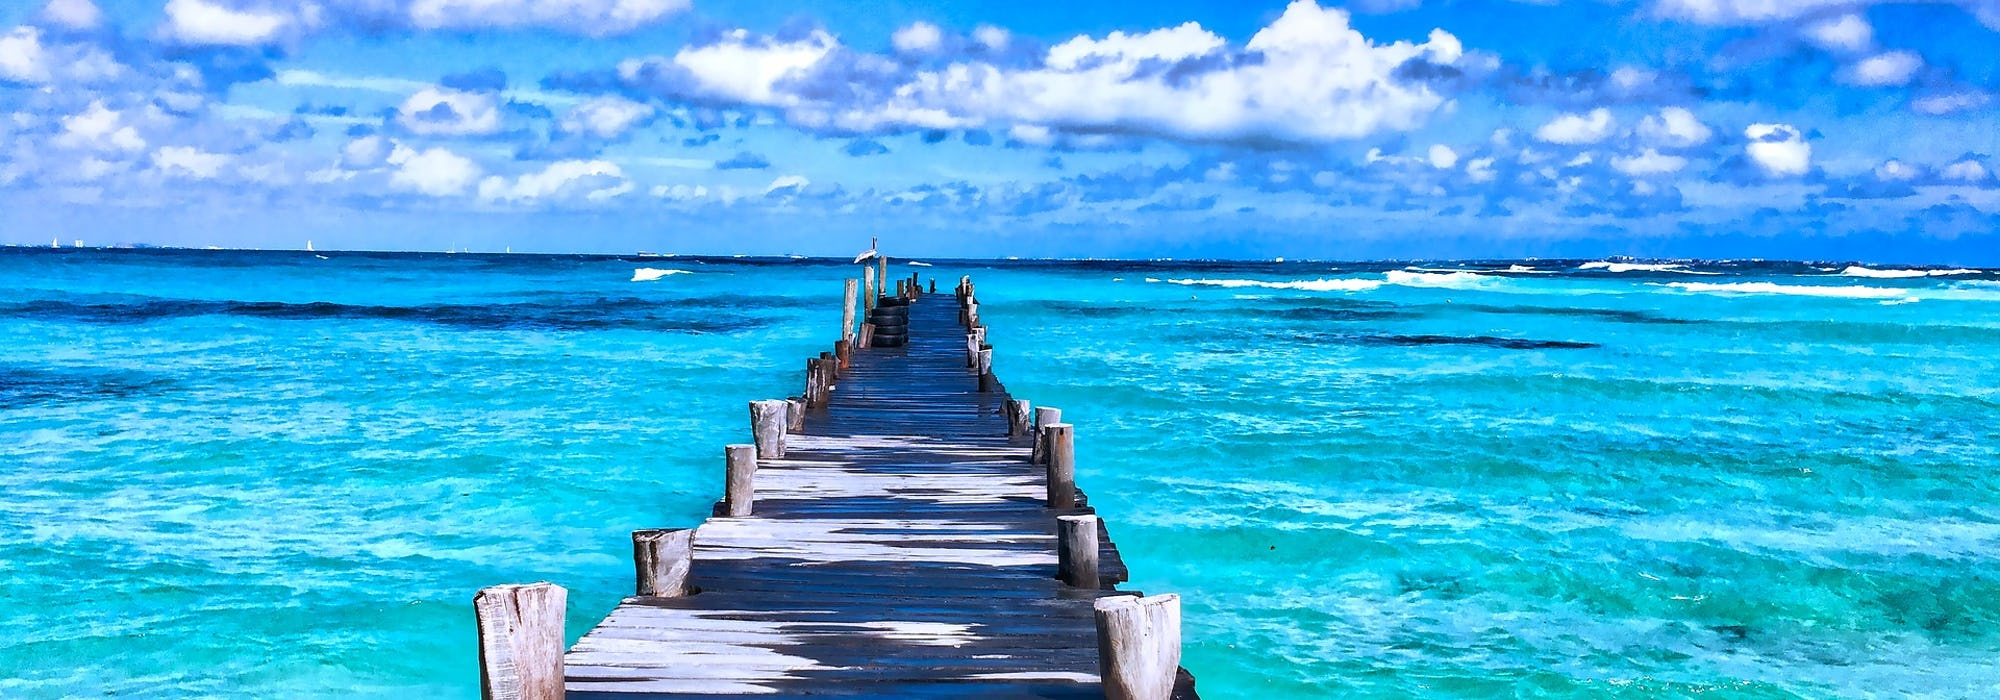 En lång brygga sträcker sig ut i det klara, ljusa vattnet.